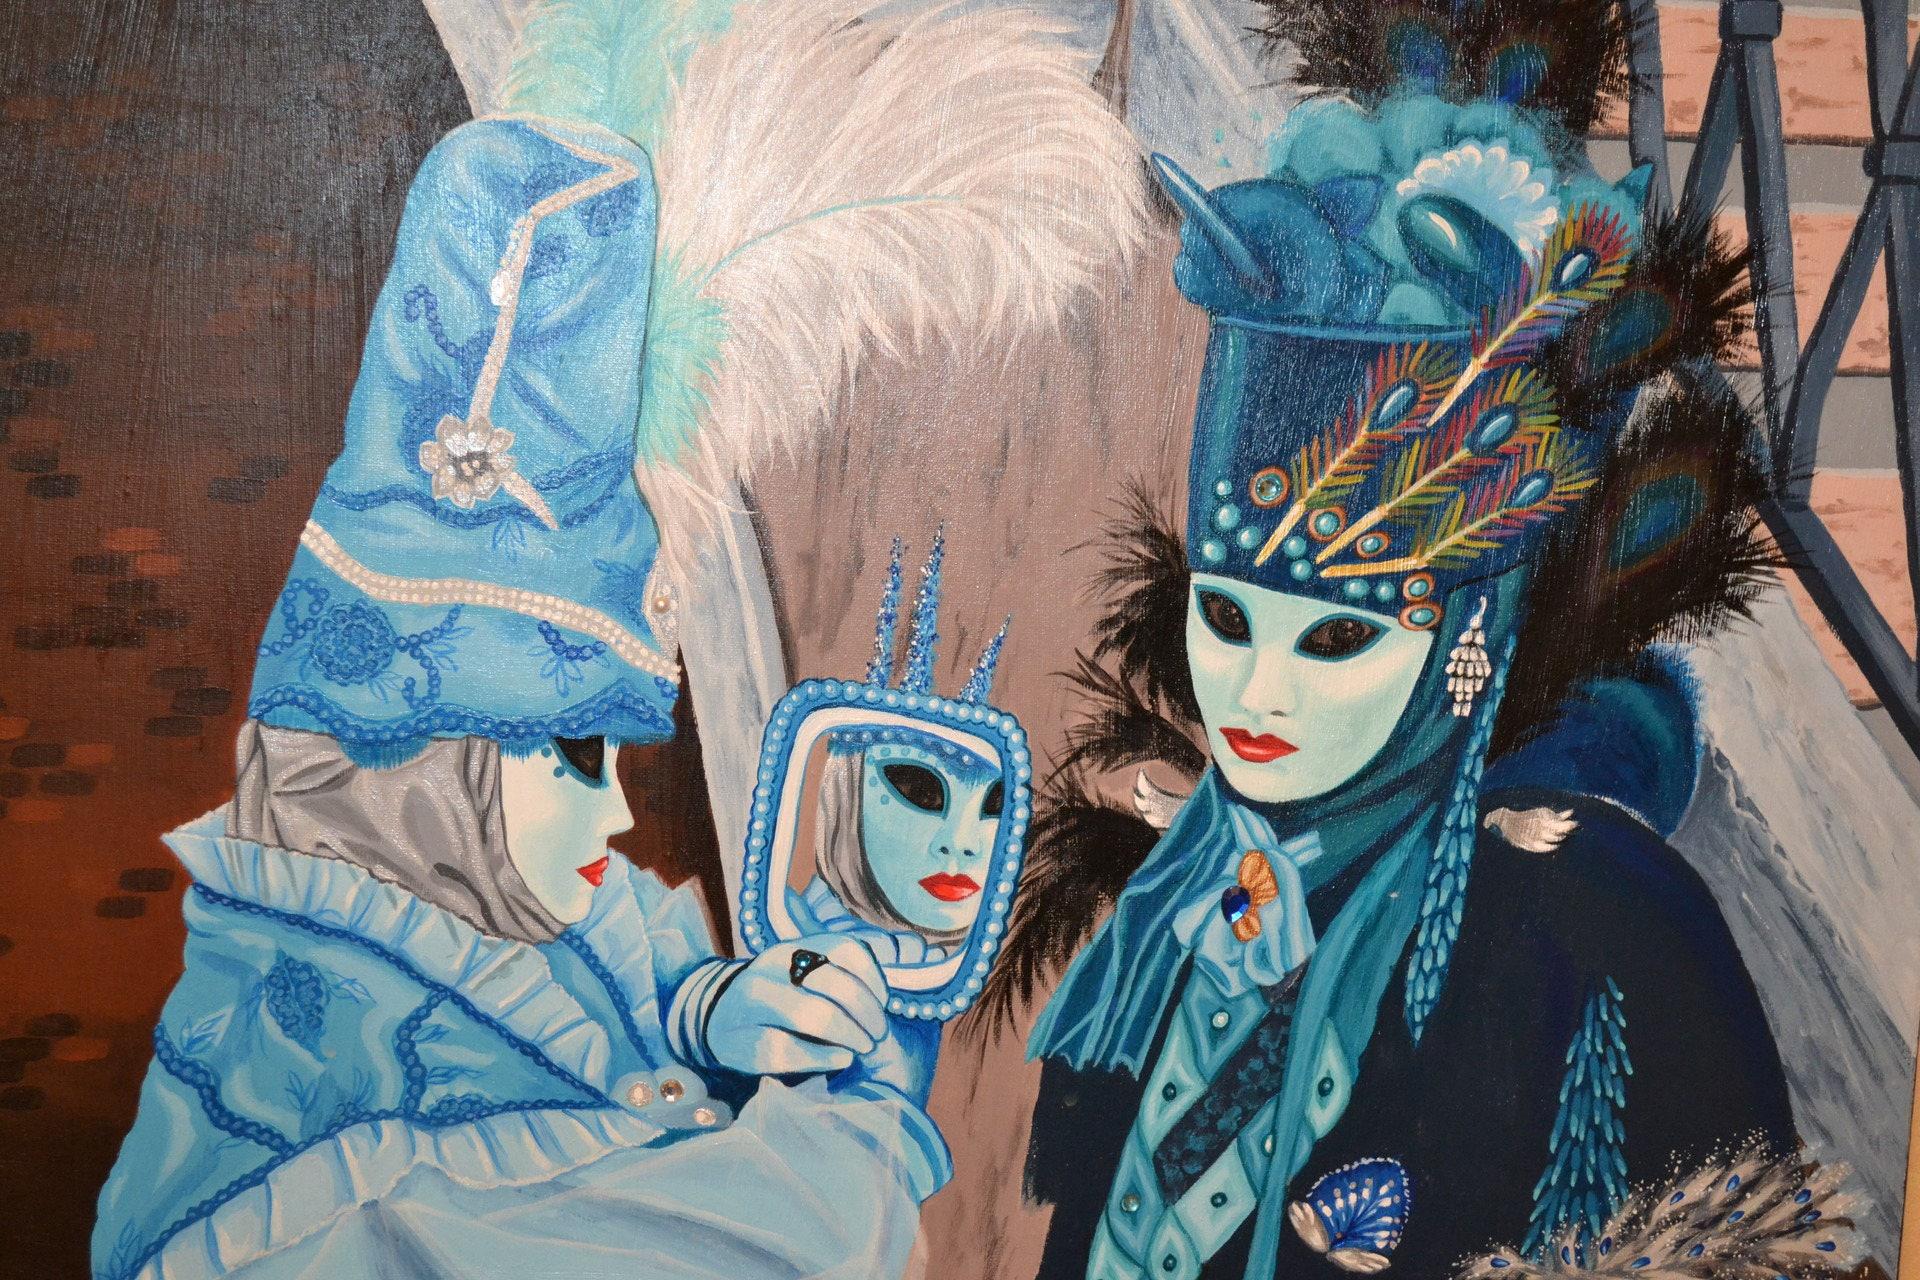 tableau acrylique carnaval de venise les 2 masques bleus. Black Bedroom Furniture Sets. Home Design Ideas